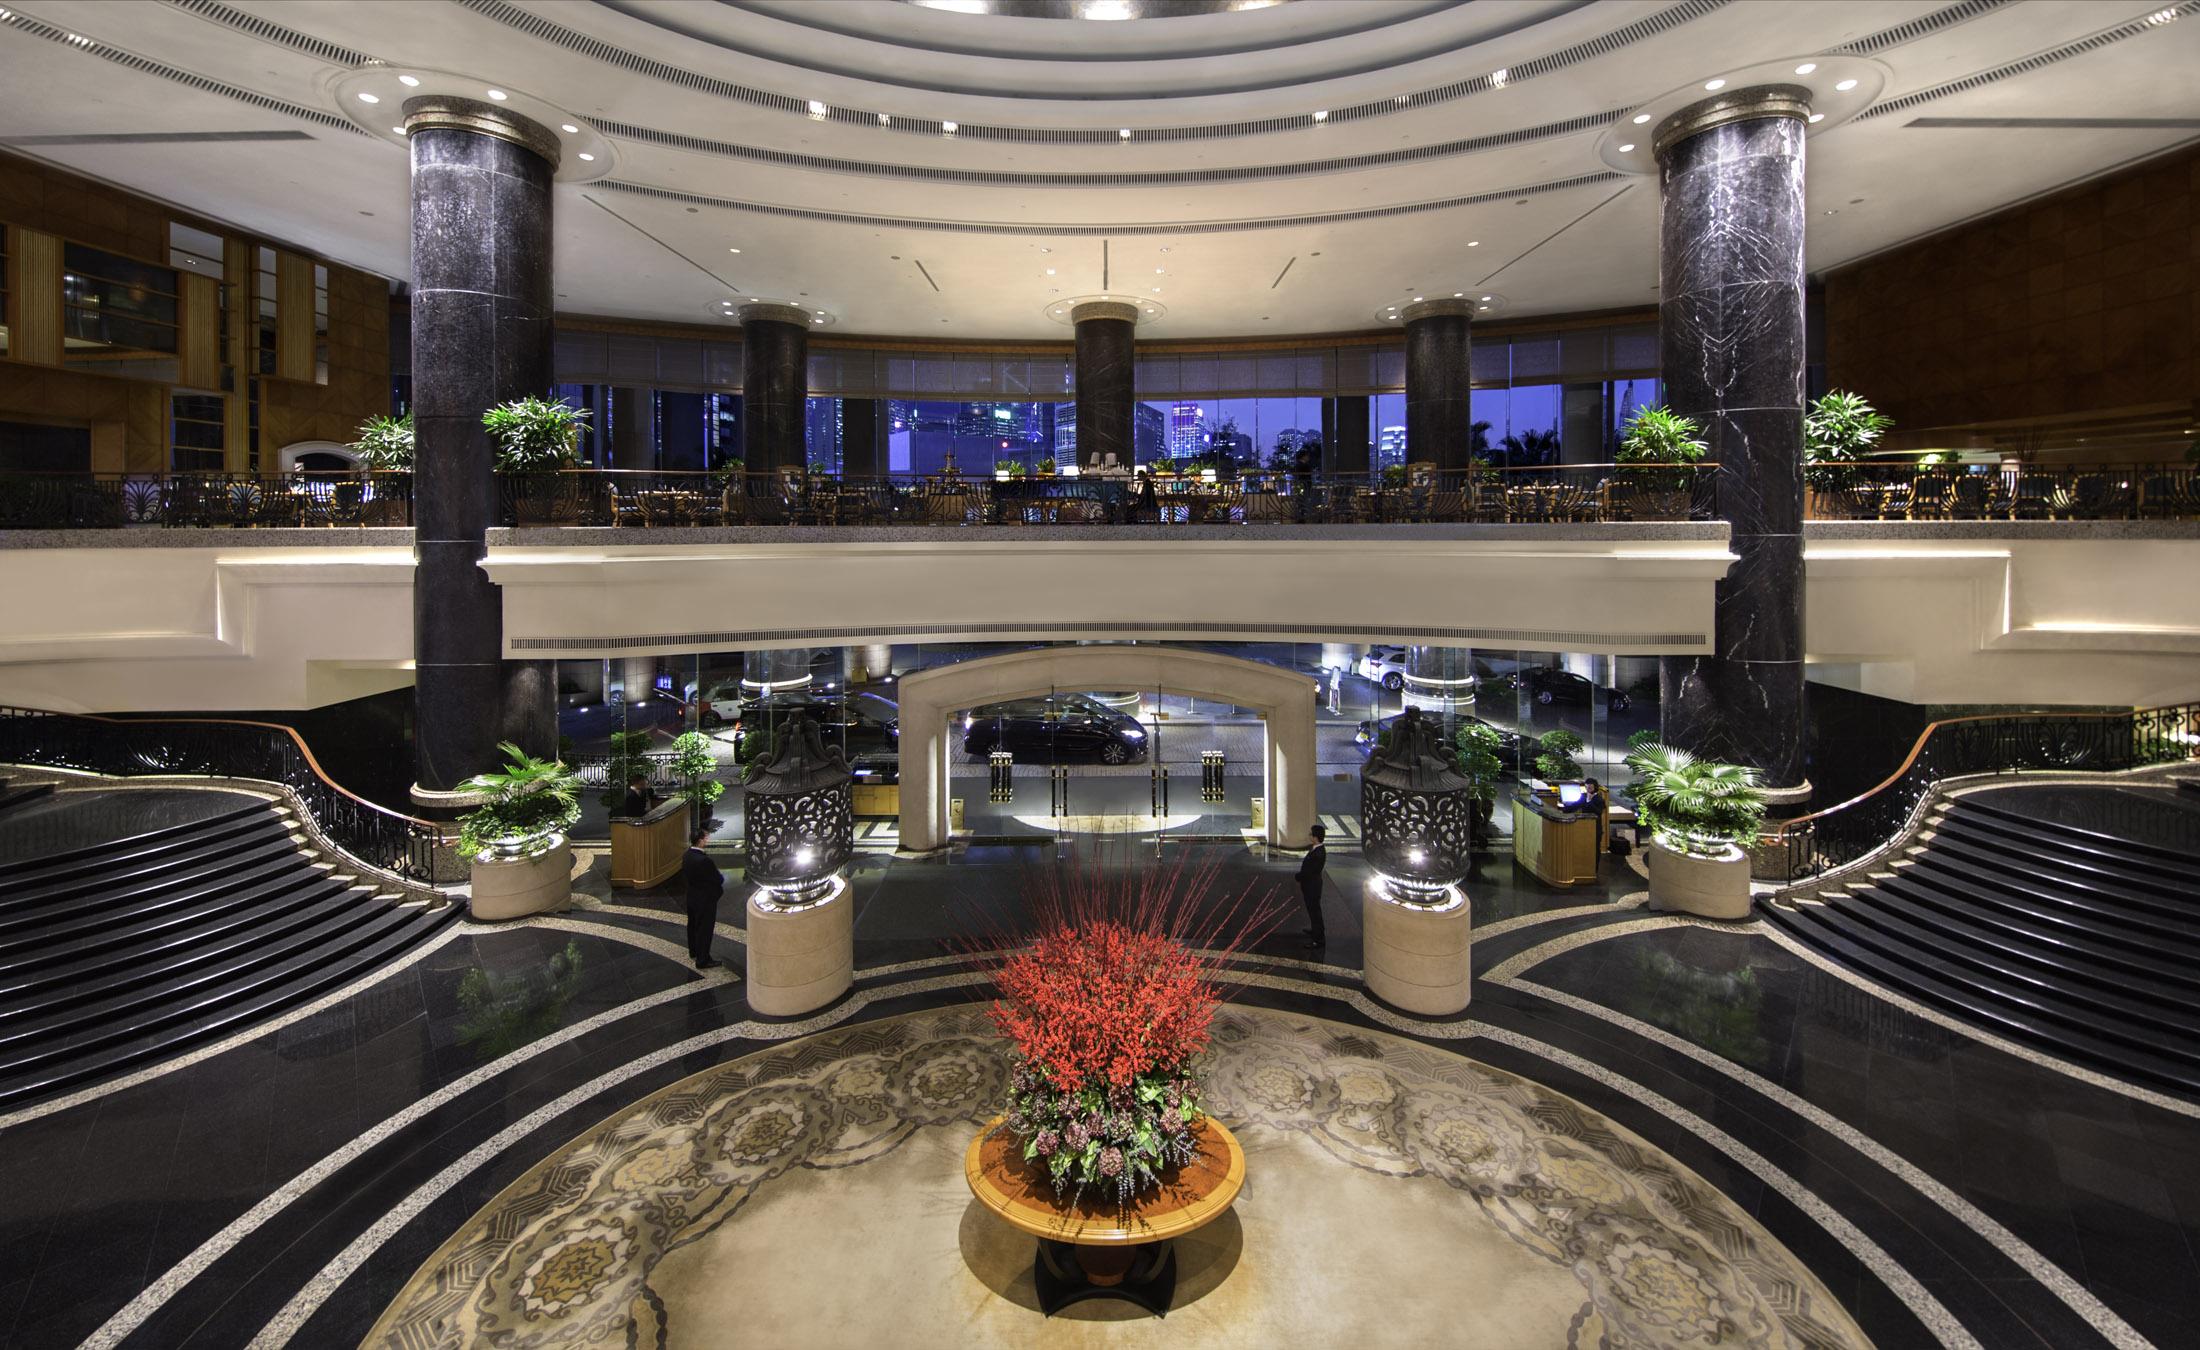 Lobby | Courtesy of the Grand Hyatt